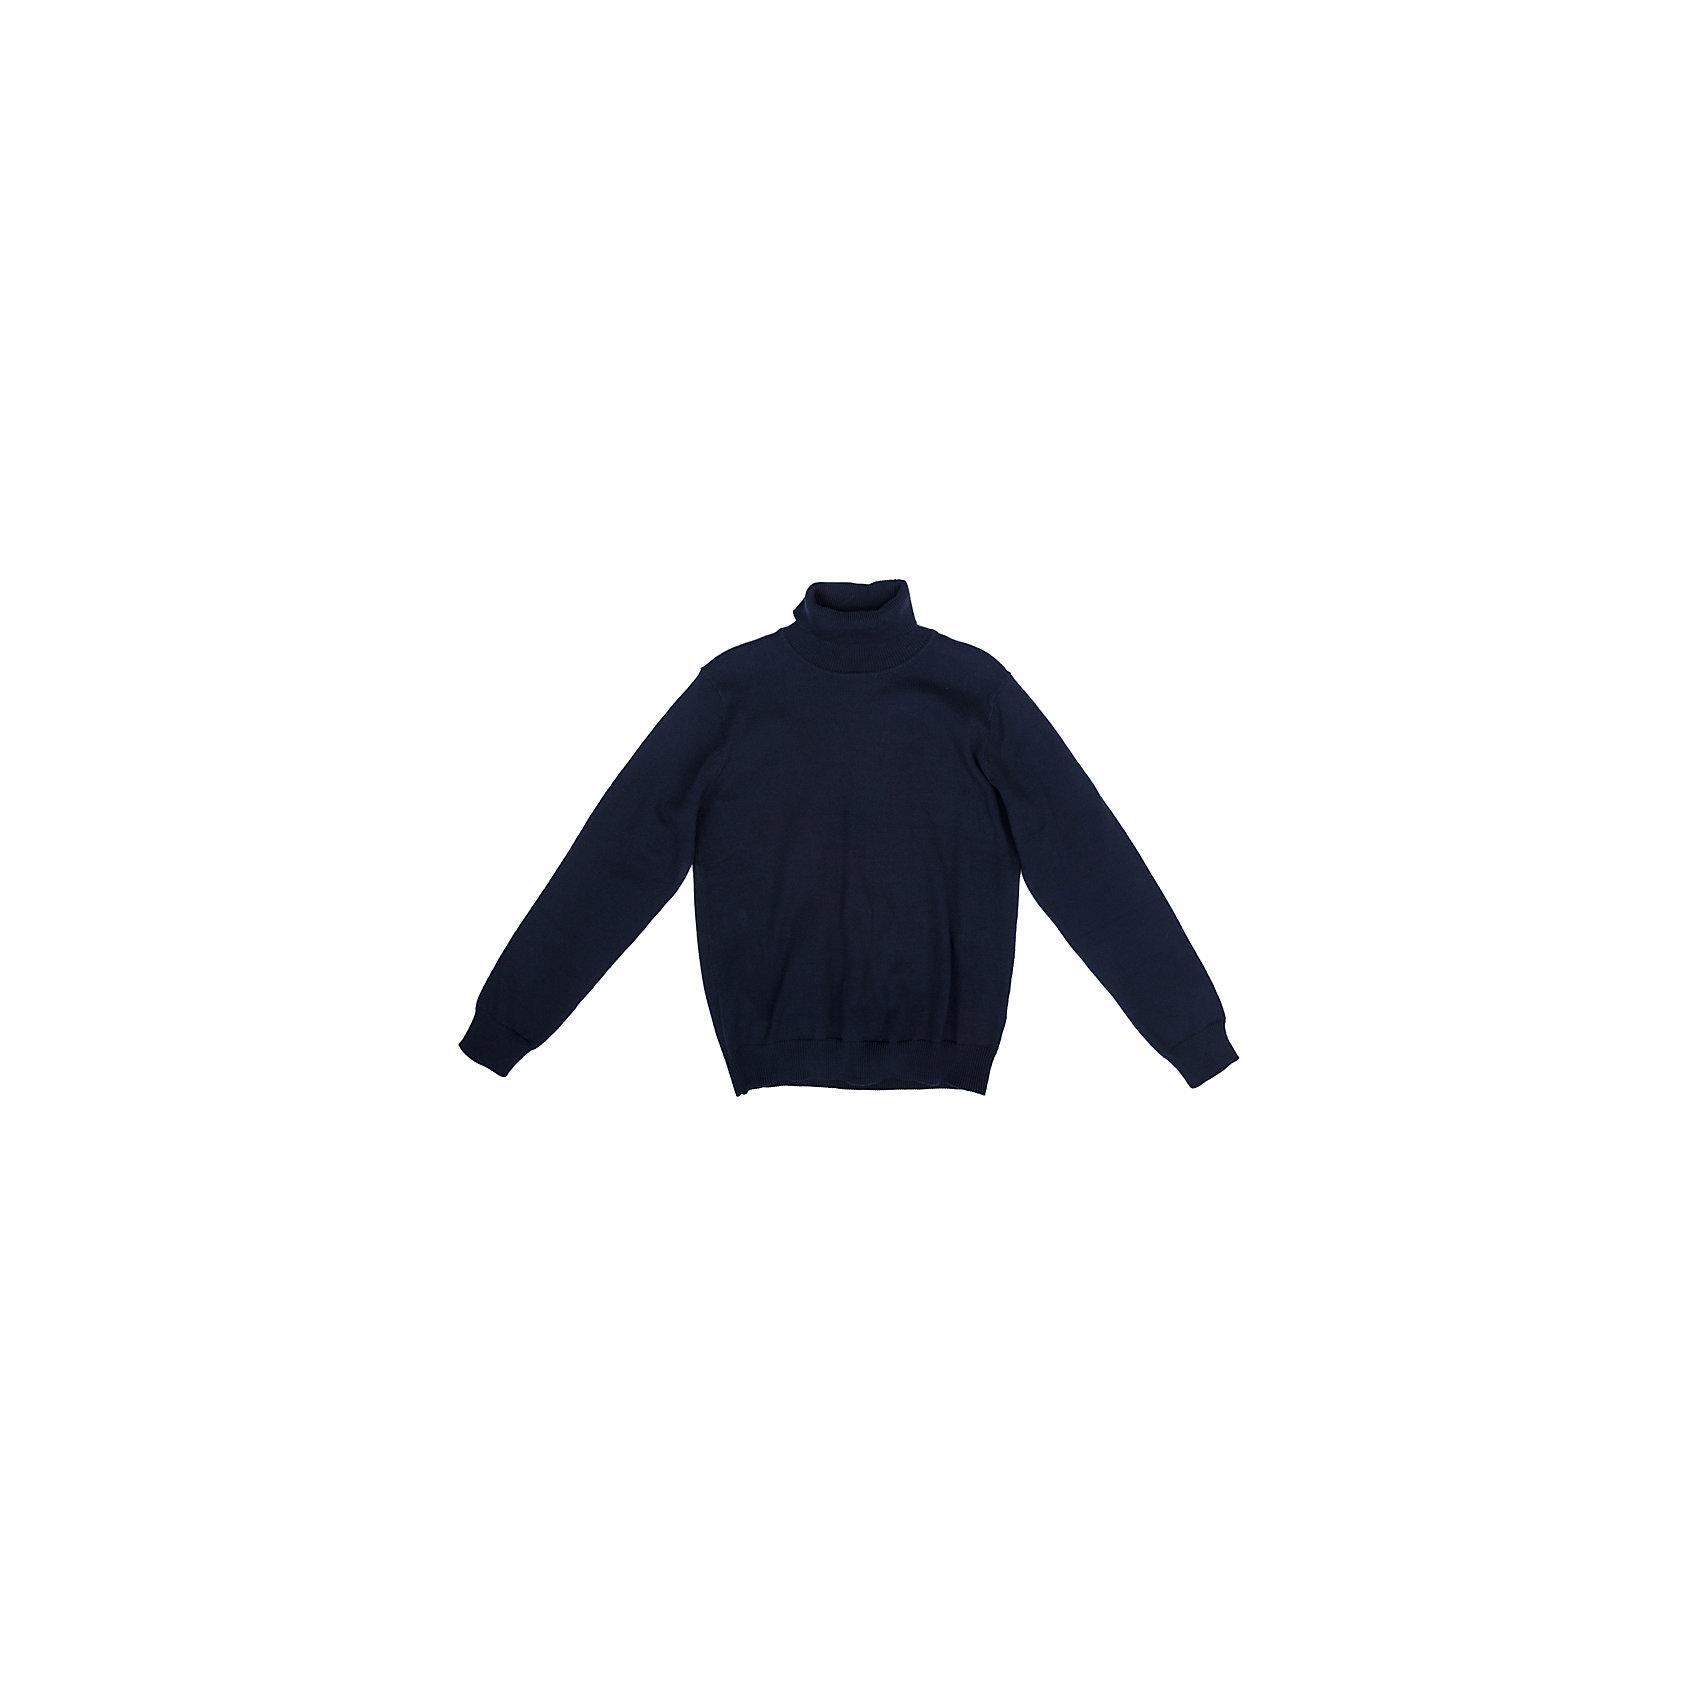 Свитер трикотажный для мальчика ScoolСвитера и кардиганы<br>Свитер трикотажный для мальчика Scool<br>Практичный и удобный свитер сможет быть одной из базовых вещей детского гардероба. Манжеты горловина и низ на мягких резинках. Модель из мягкой ткани приятной на ощупьПреимущества: Высокая горловинаПриятная на ощупь ткань<br>Состав:<br>60% хлопок, 40% акрил<br><br>Ширина мм: 190<br>Глубина мм: 74<br>Высота мм: 229<br>Вес г: 236<br>Цвет: синий<br>Возраст от месяцев: 156<br>Возраст до месяцев: 168<br>Пол: Мужской<br>Возраст: Детский<br>Размер: 164,122,128,134,140,146,152,158<br>SKU: 6754599